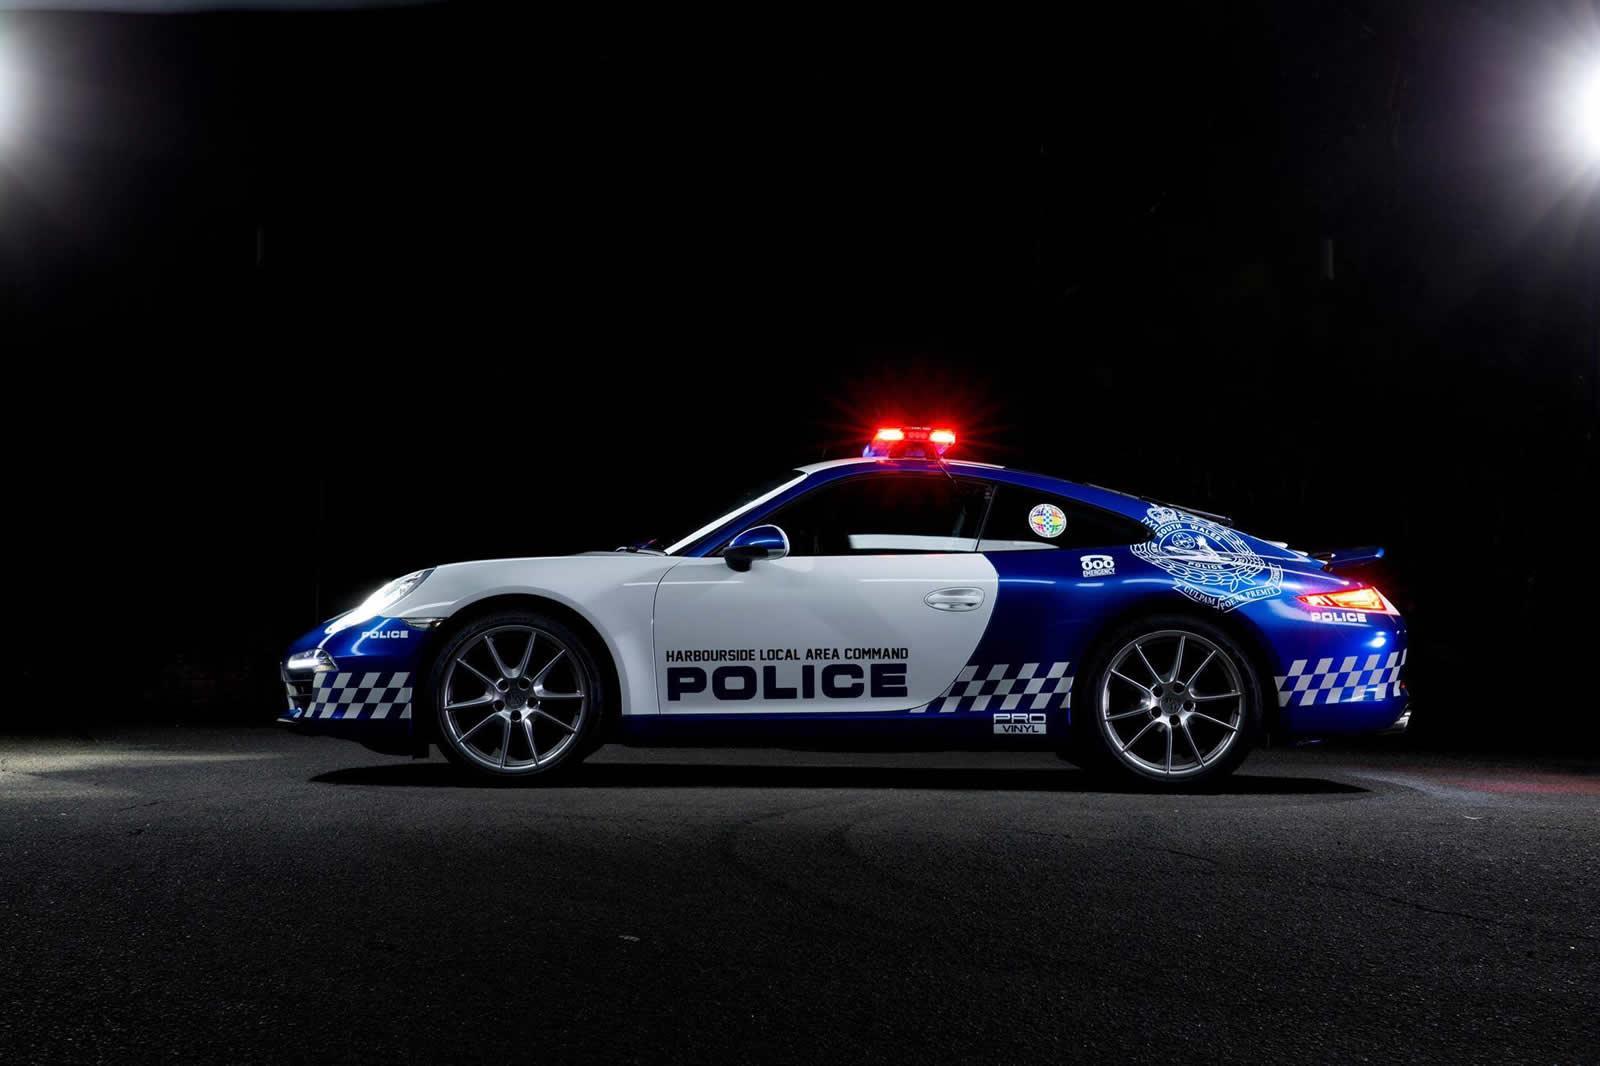 Nsw Police Gets Porsche 911 Carrera Police Car Forcegt Com